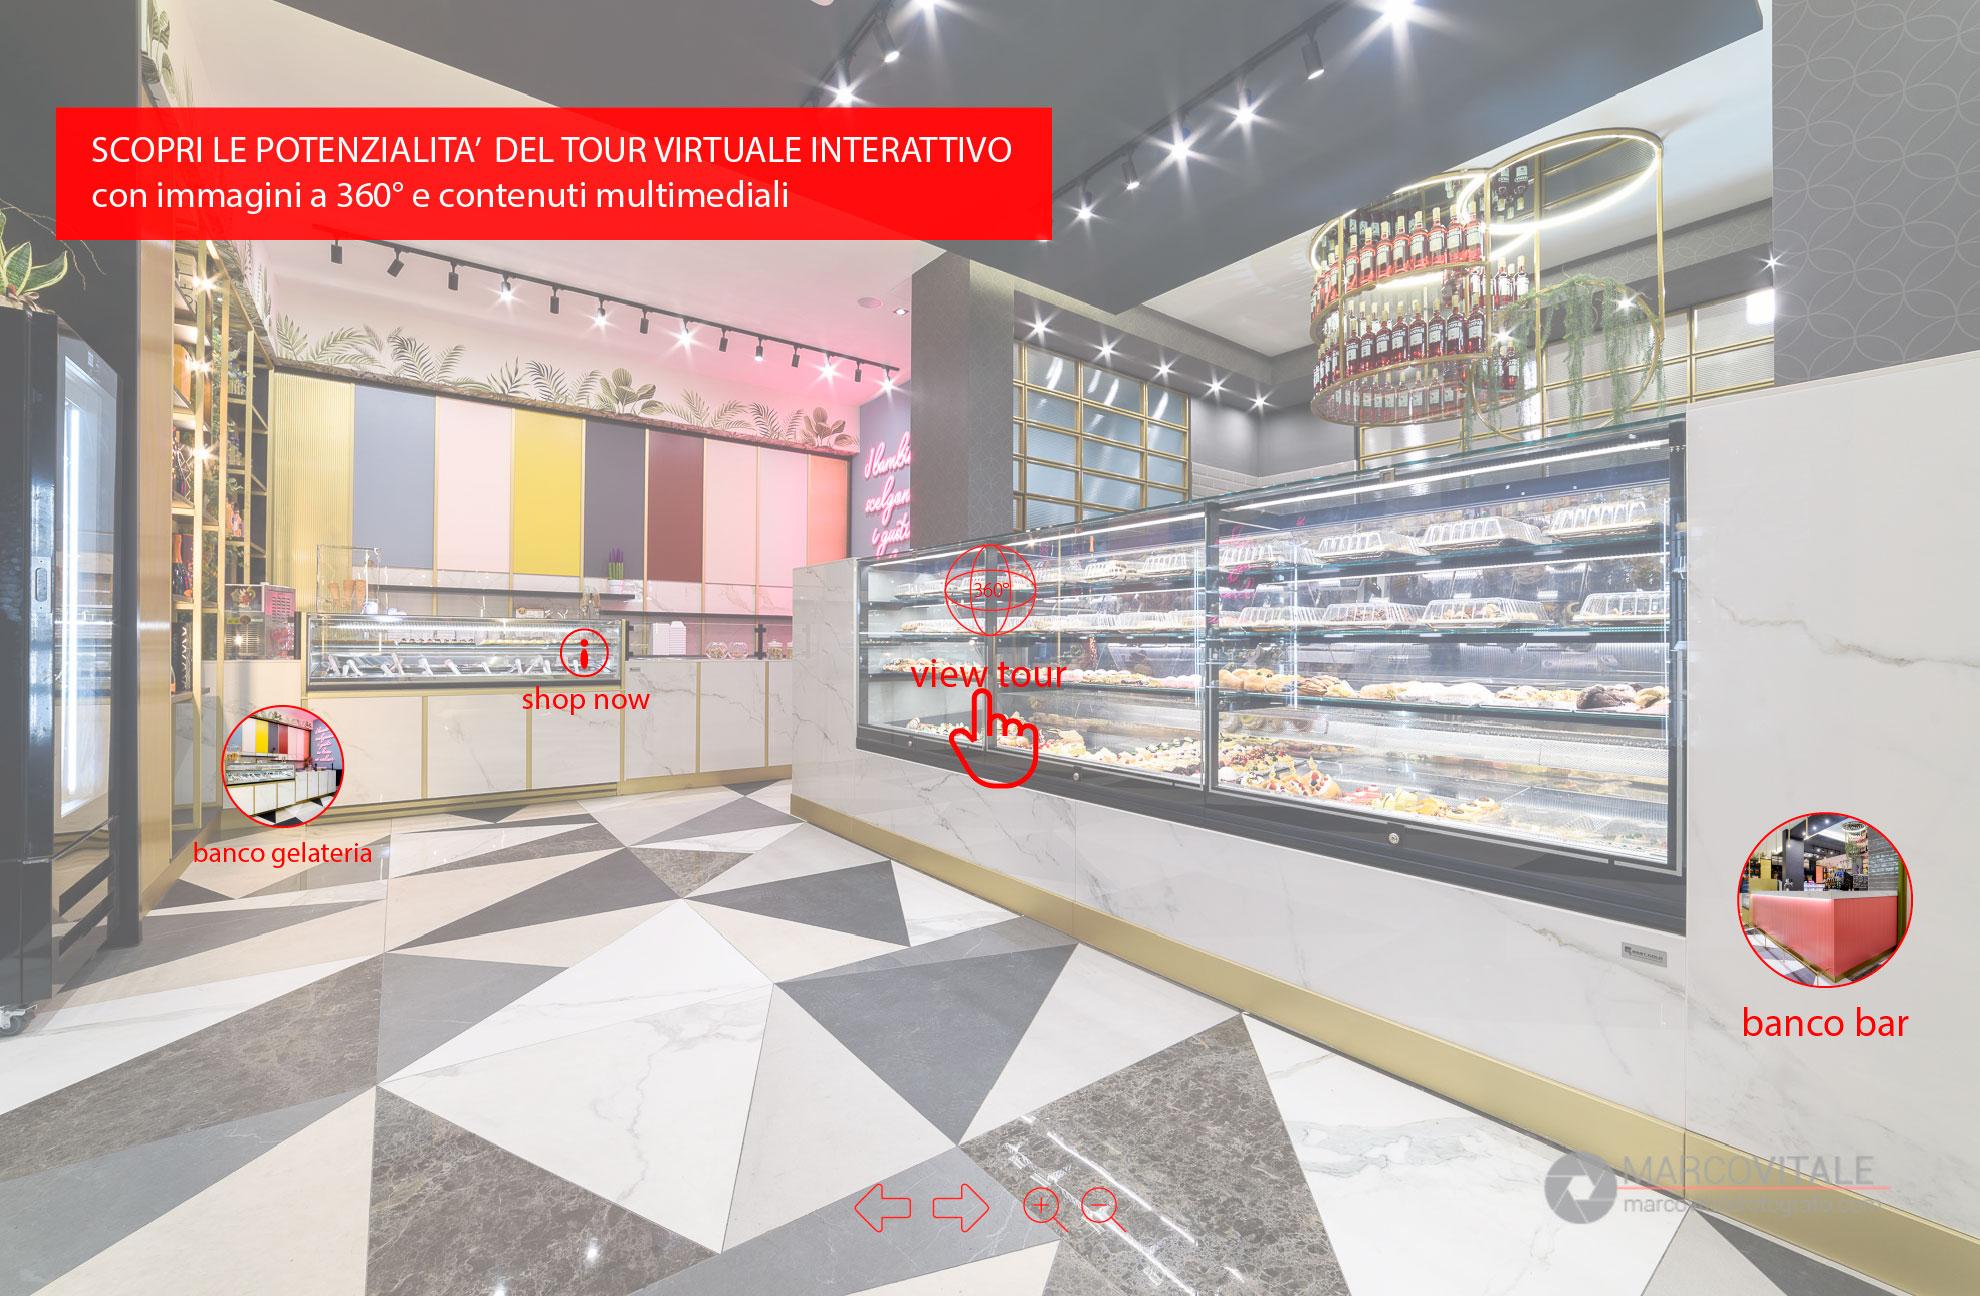 Realizzare un tour virtuale interattivo